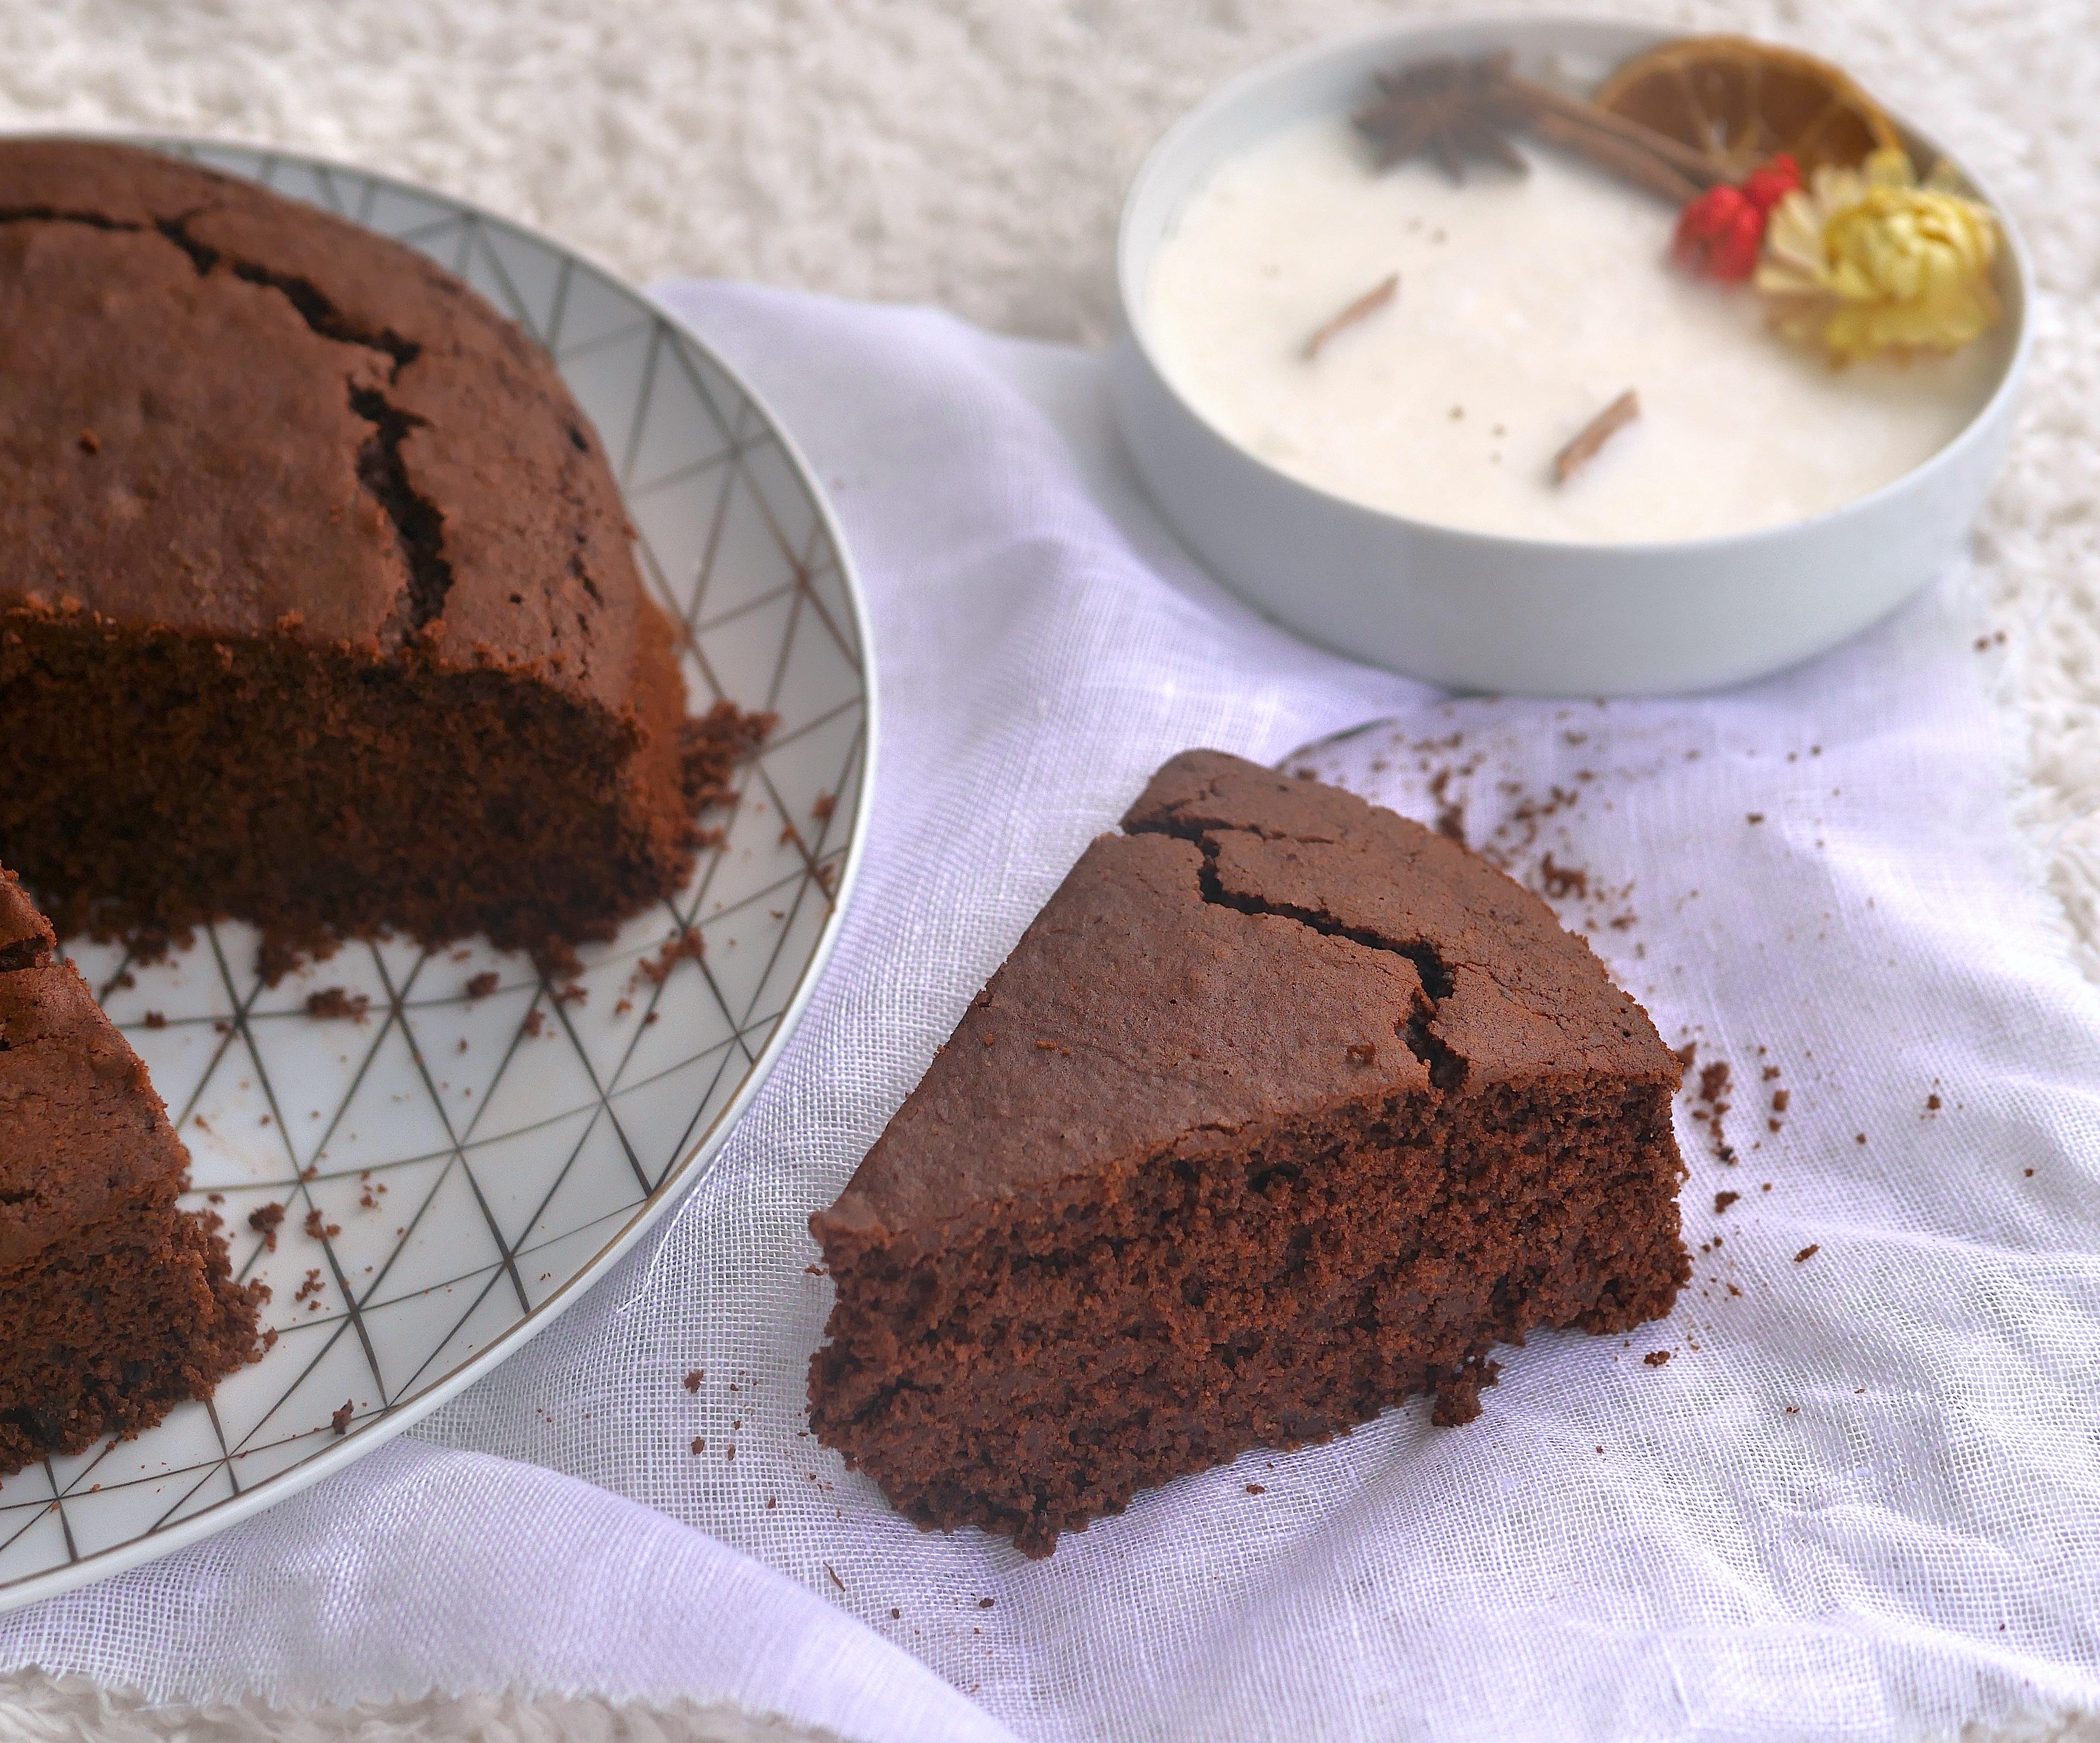 Gâteau moelleux au chocolat vegan et sans gluten très sain et très gourmand !